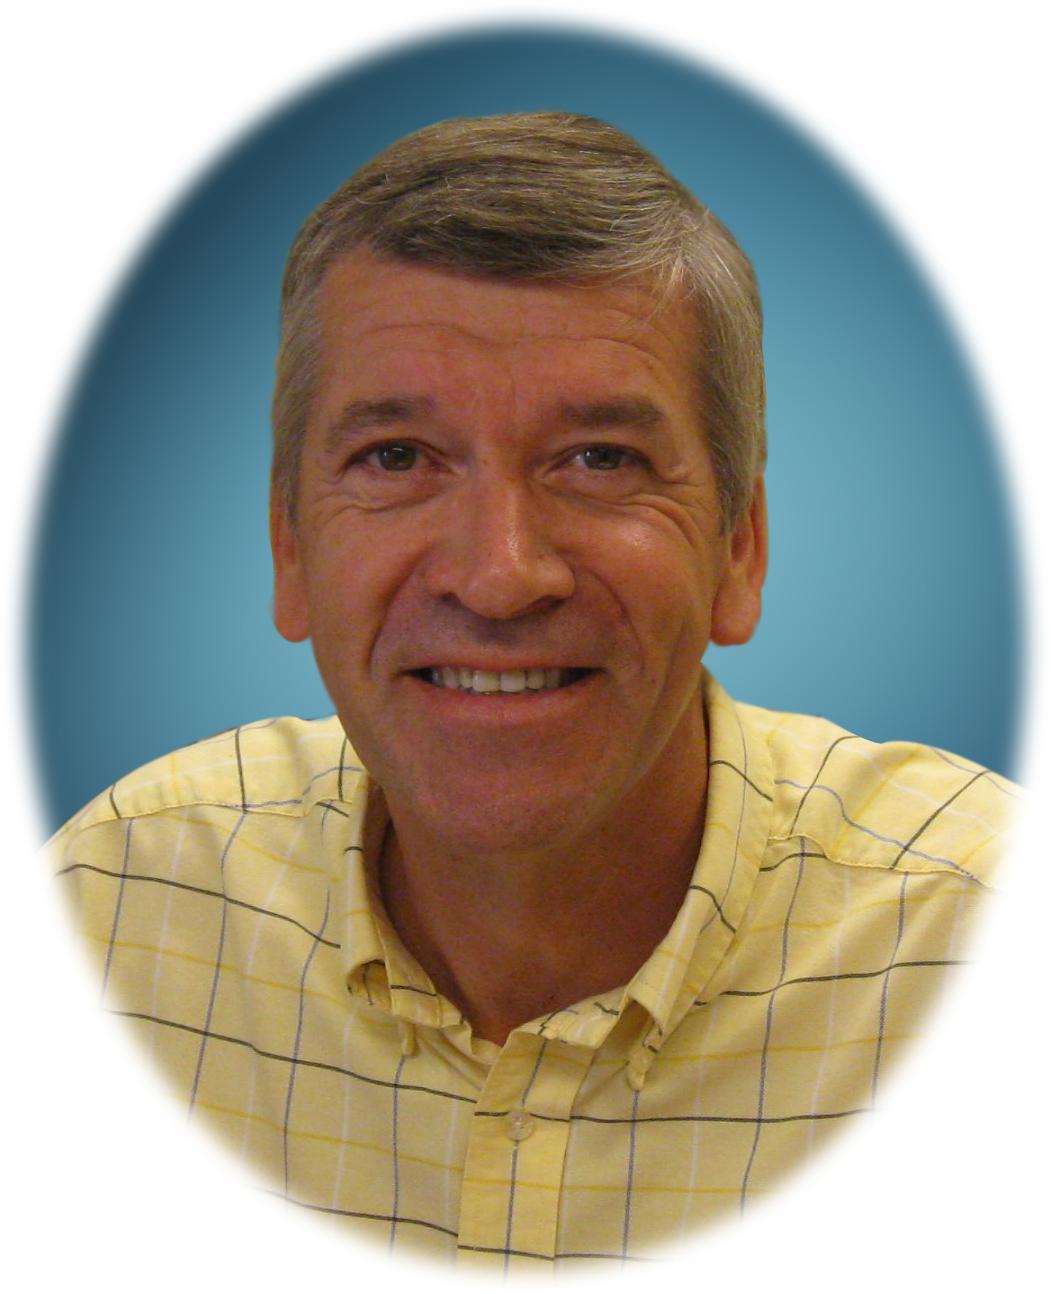 Randy A. Milbrath